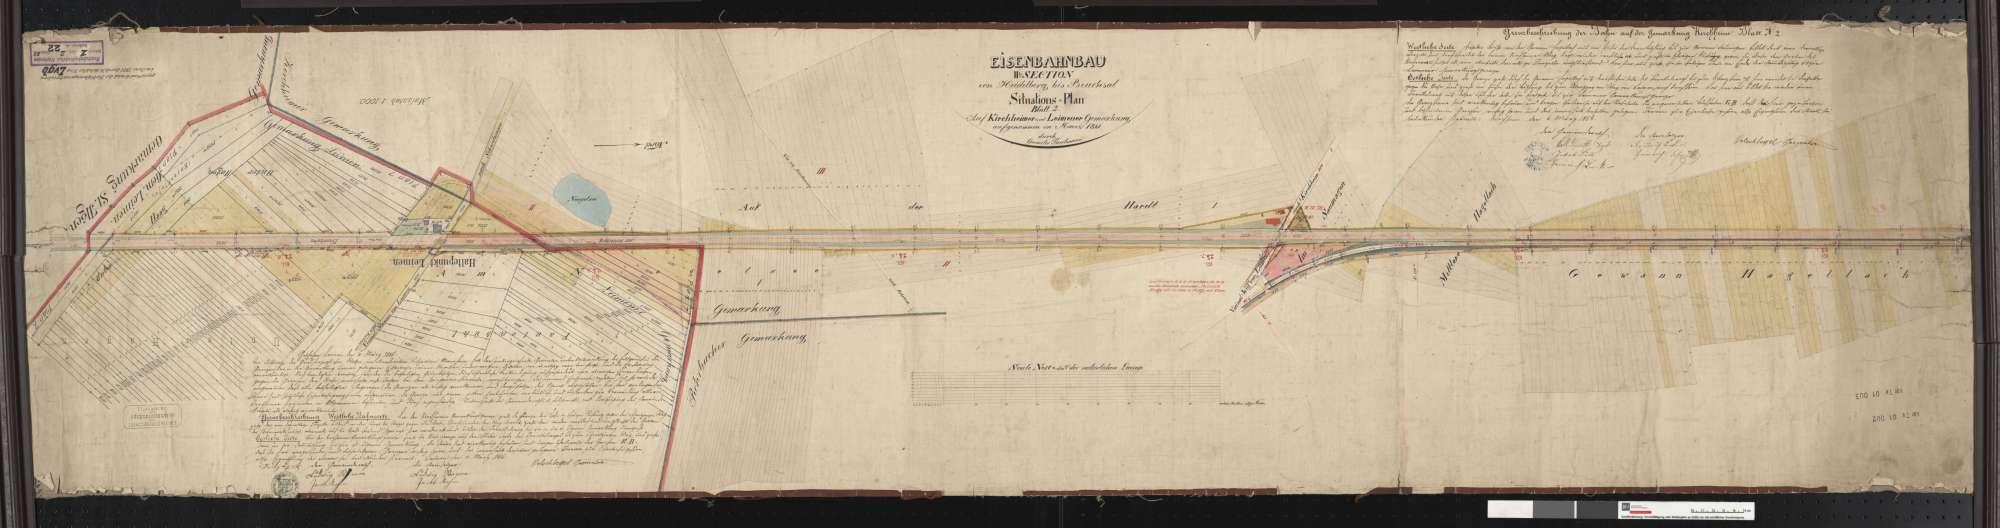 Situationsplan der Bahn von Heidelberg bis Bruchsal: Gemarkung Kirchheim und Gemarkung Leimen Streckenausschnitt: 23,0 bis 24,8 km, Bild 1